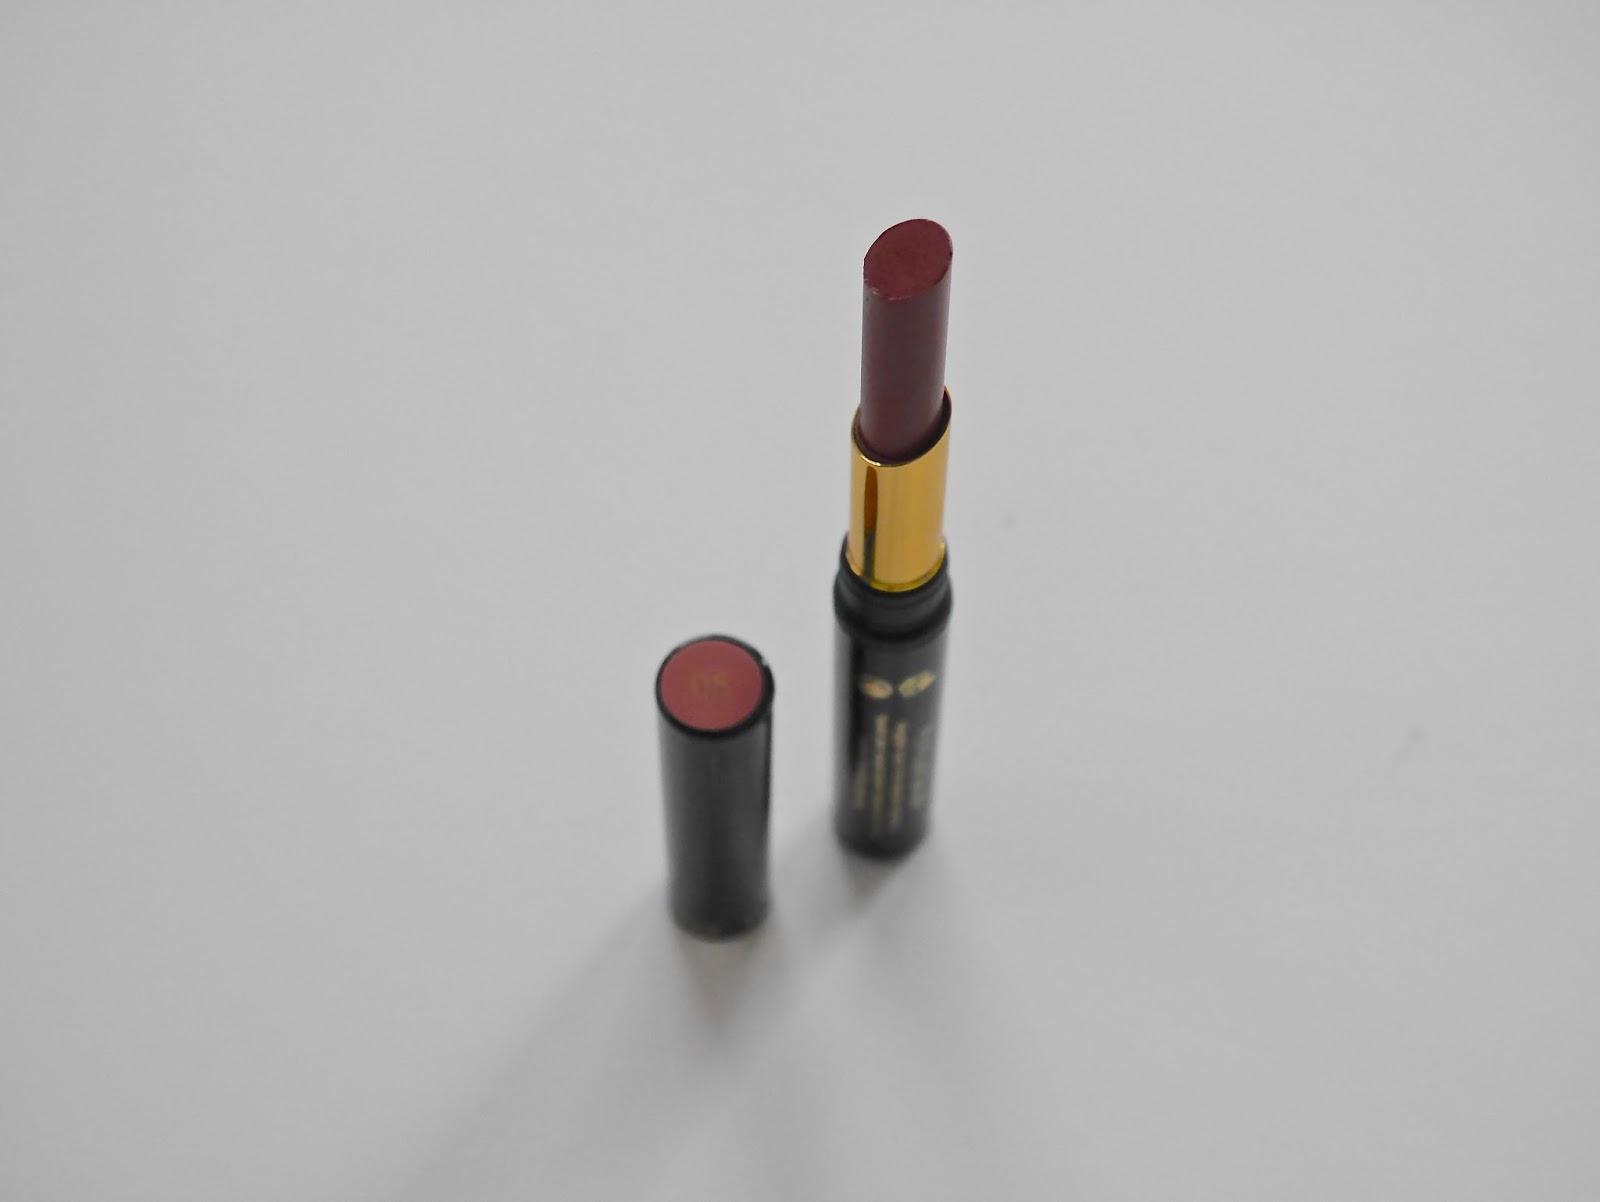 Dr. Hauschka Lipstick Novum 08 Maple Glow